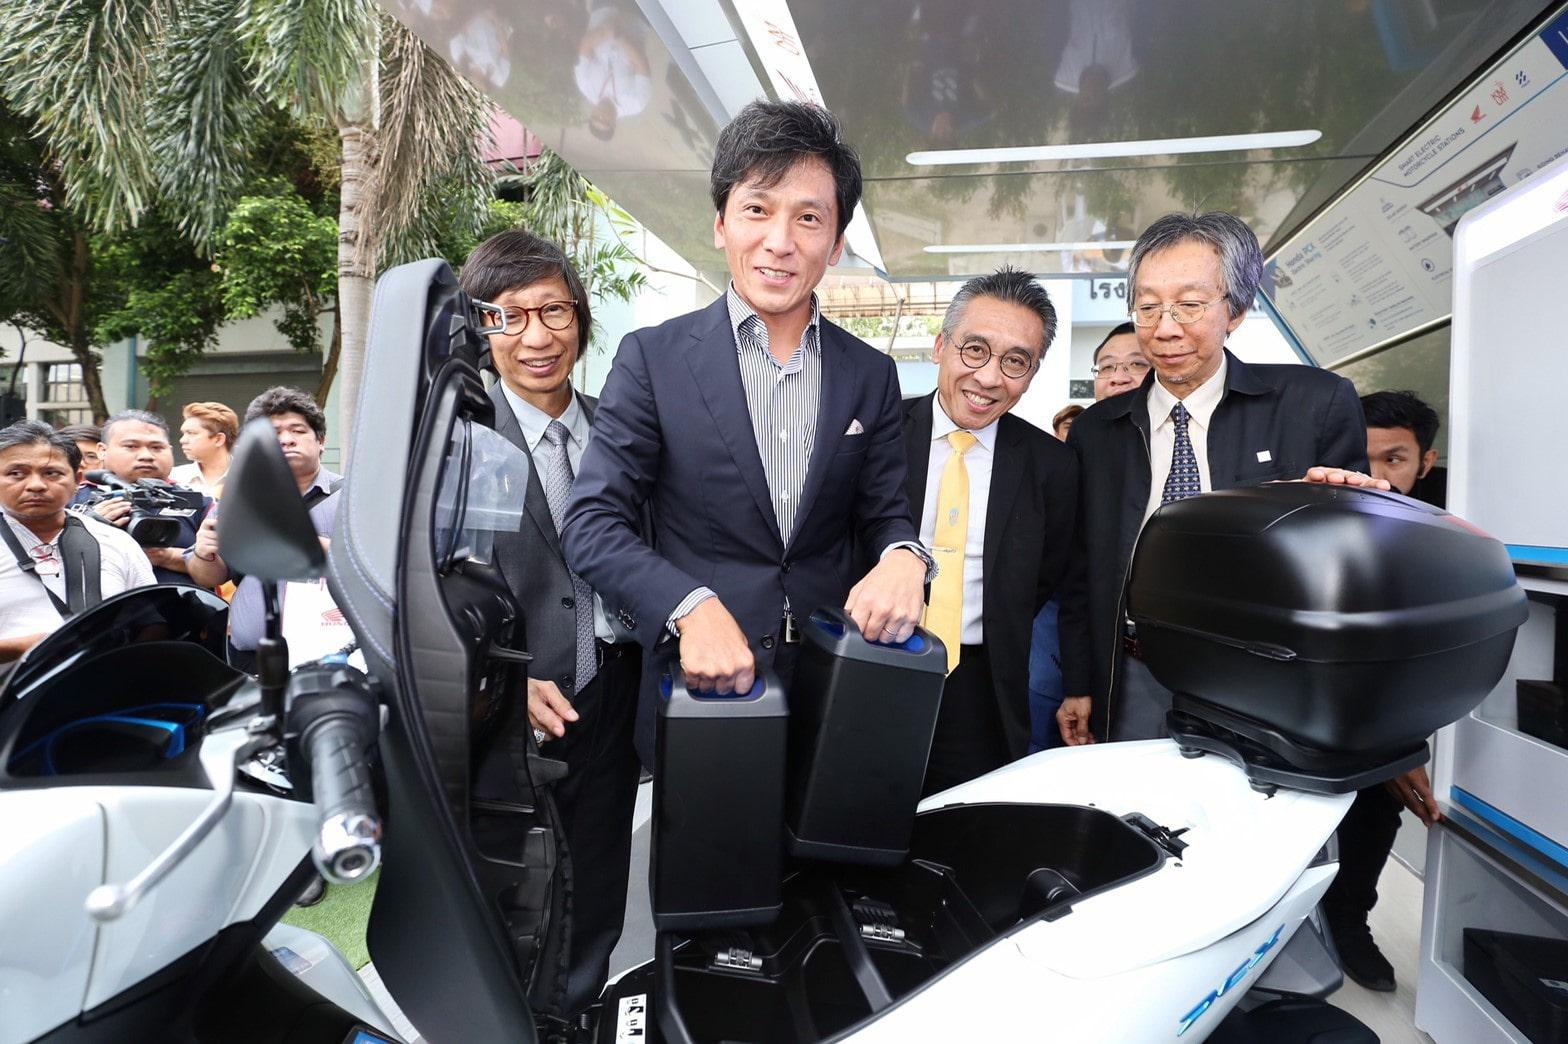 มร.ชิเกโตะ คิมูระ ประธานกรรมการบริหาร บริษัท เอ.พี. ฮอนด้า จำกัด